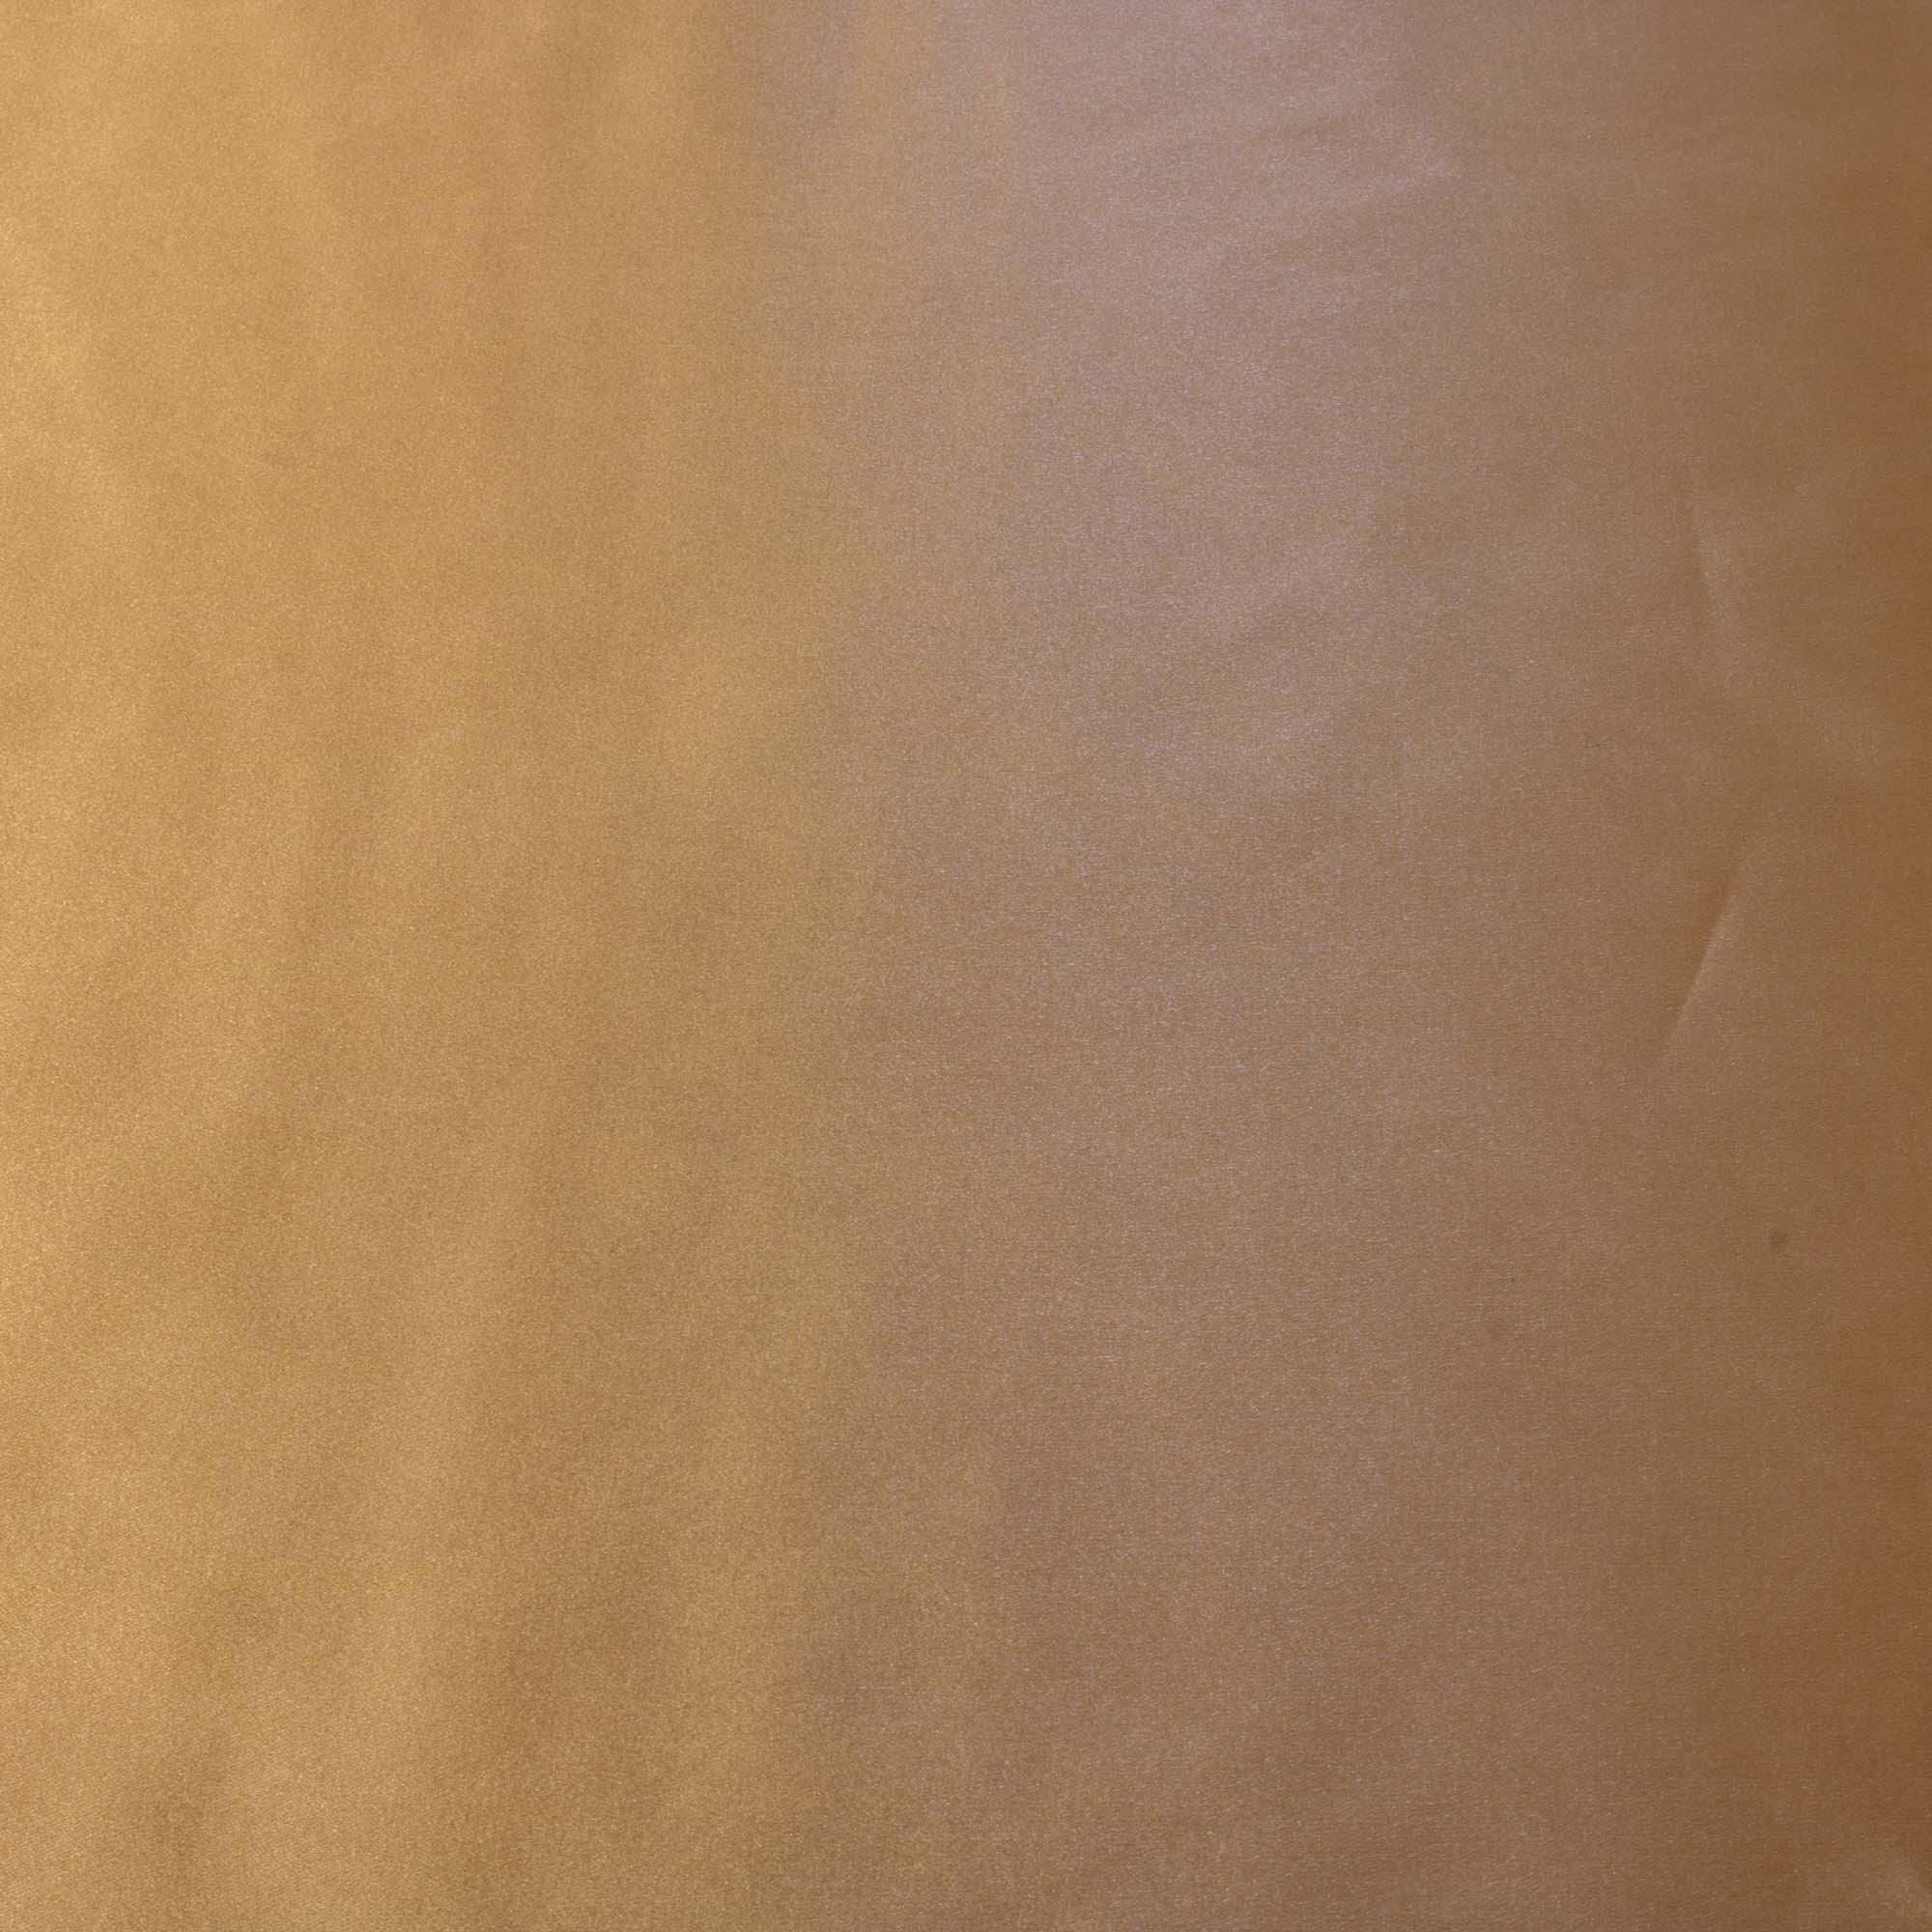 Tecido Cetim Vison Italiano Dourado 100% Poliester 1.50 de Largura